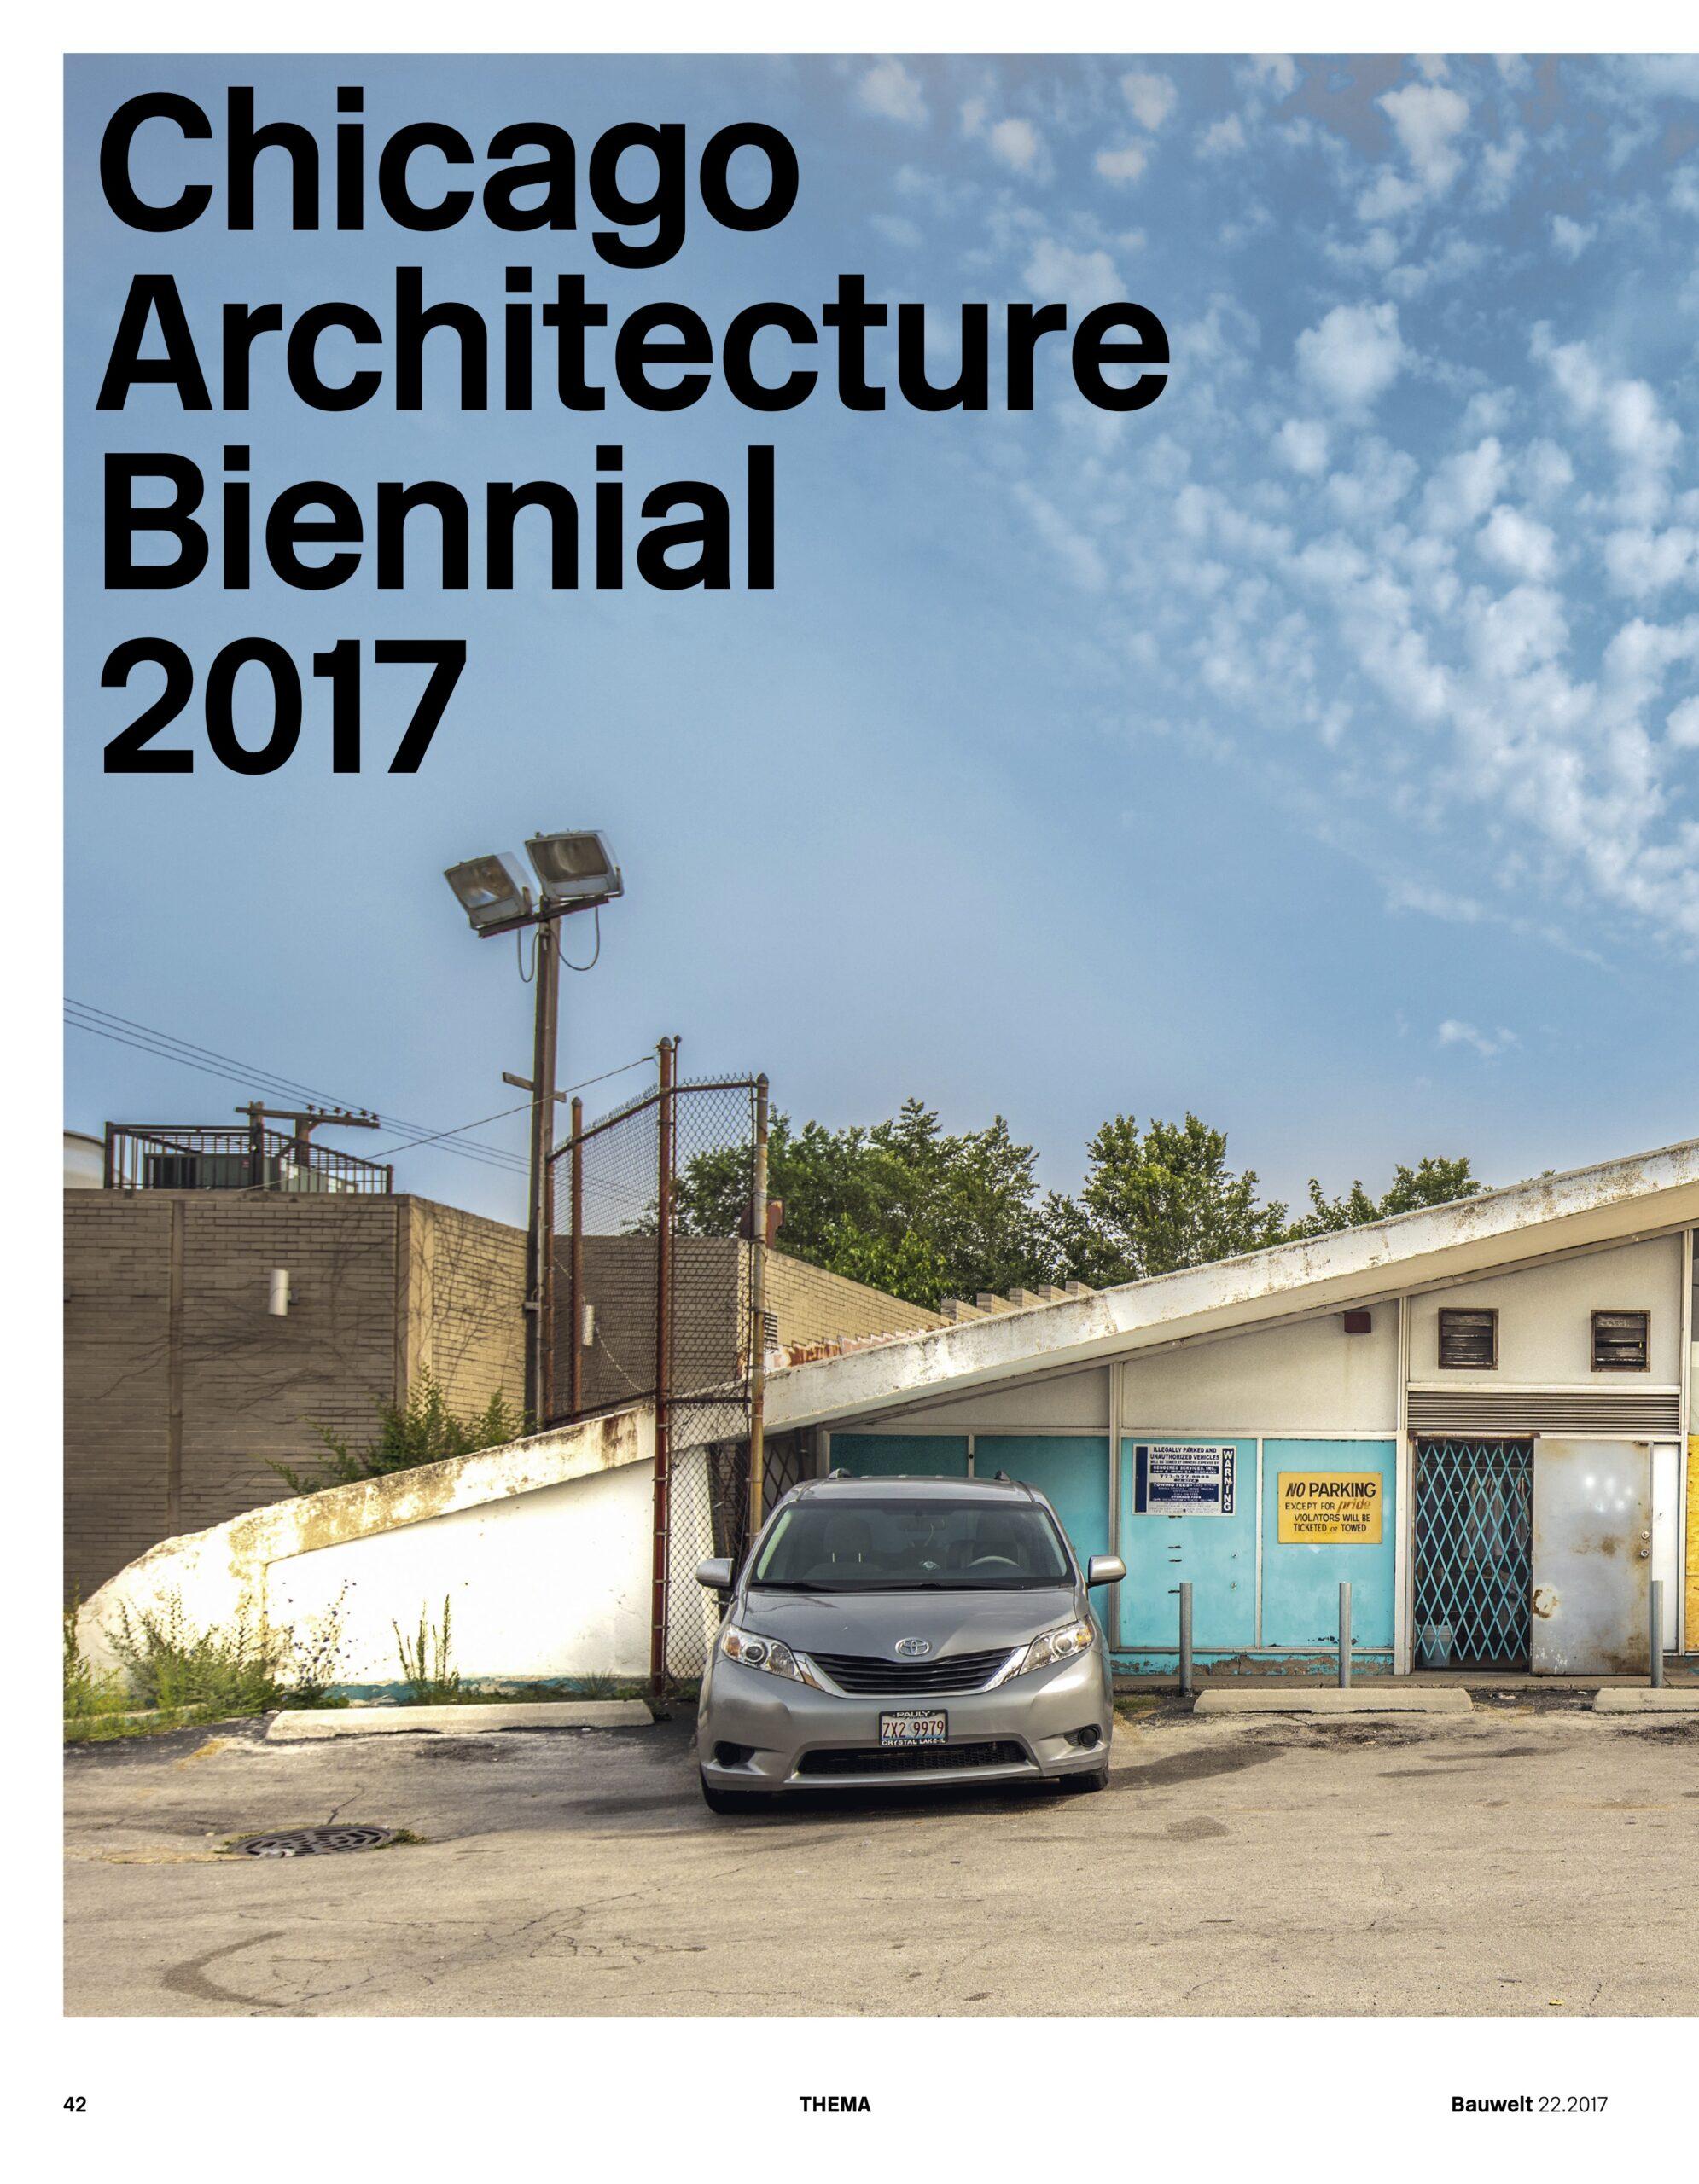 Nadin Heinich über Chicago Architecture Biennial für Bauwelt